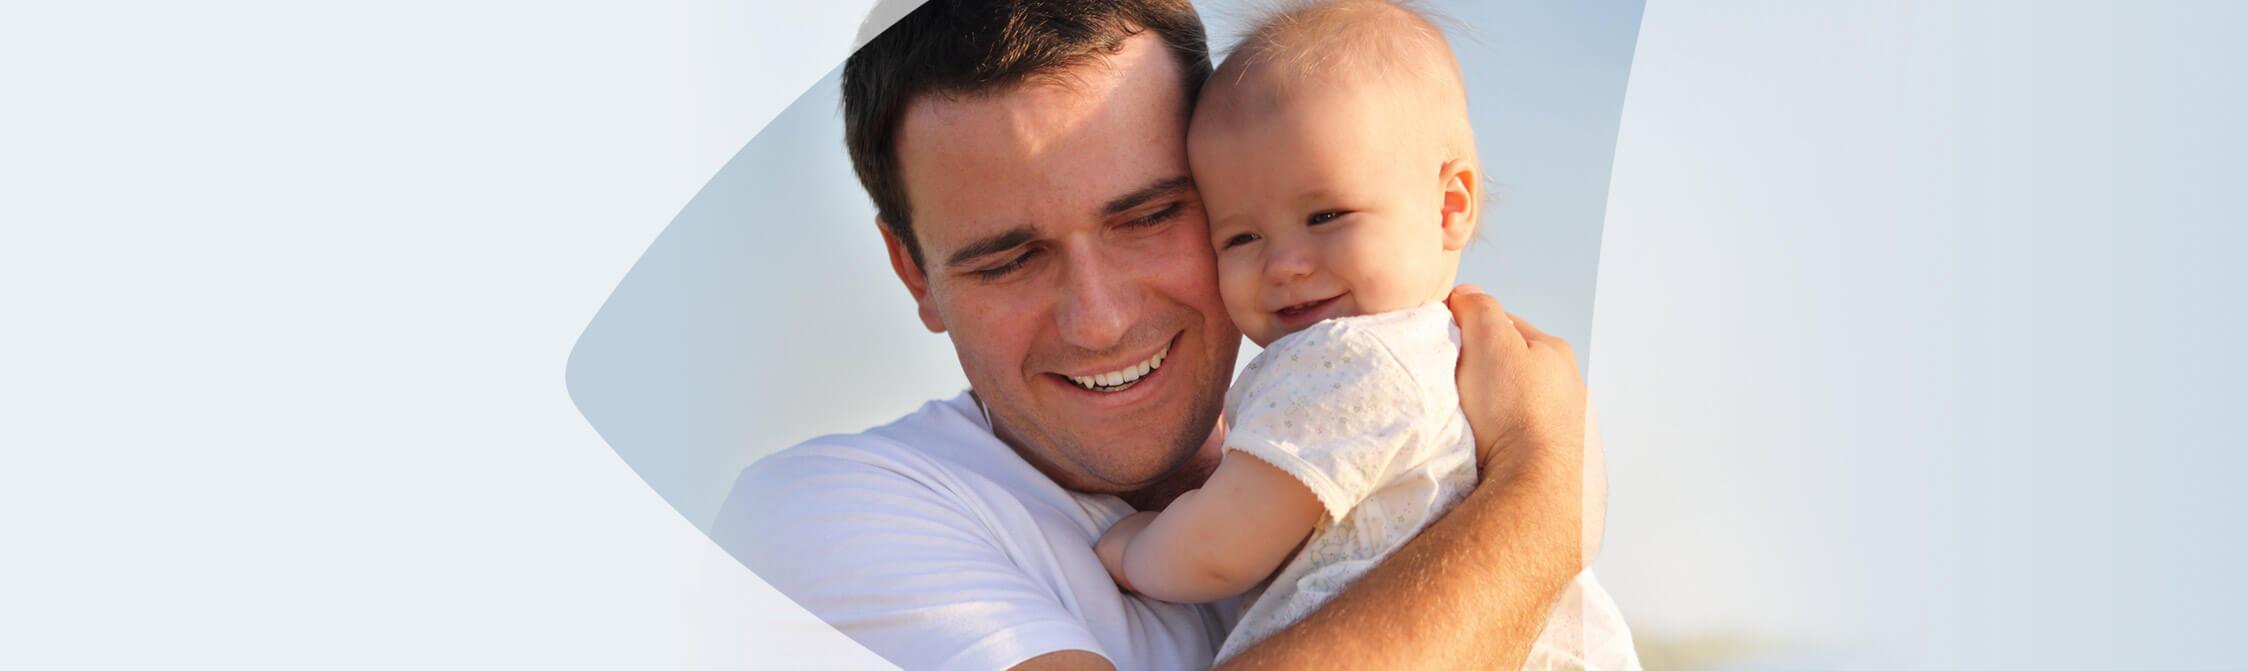 Heureux père serrant son bébé